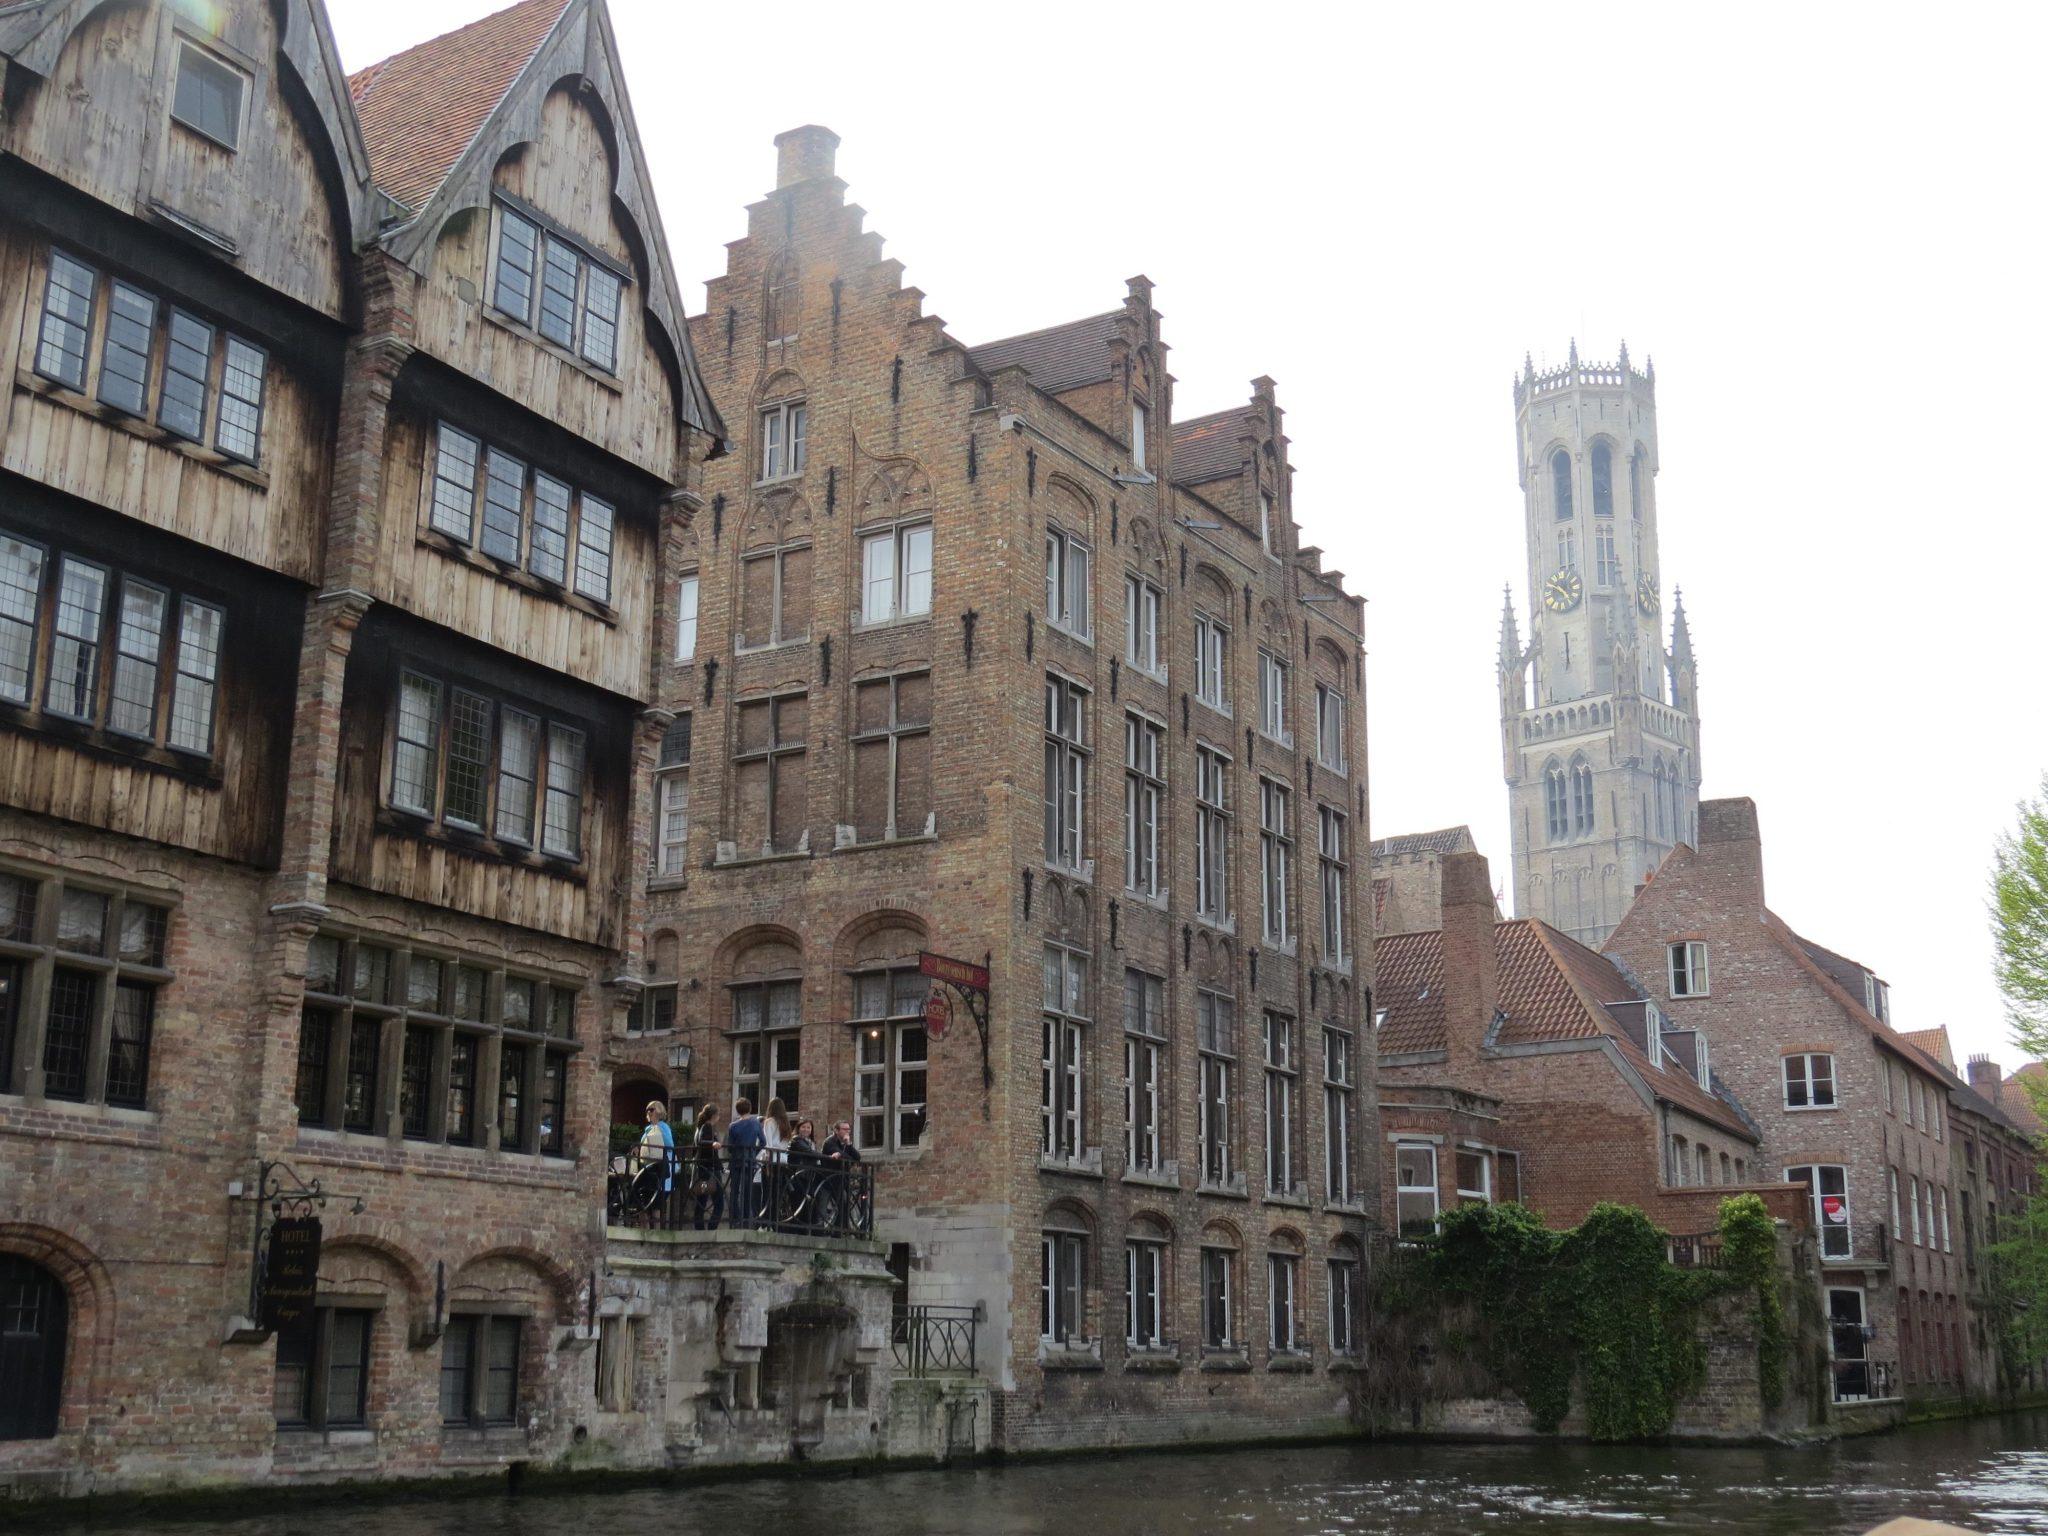 Passeio de barco pelo canais de Bruges